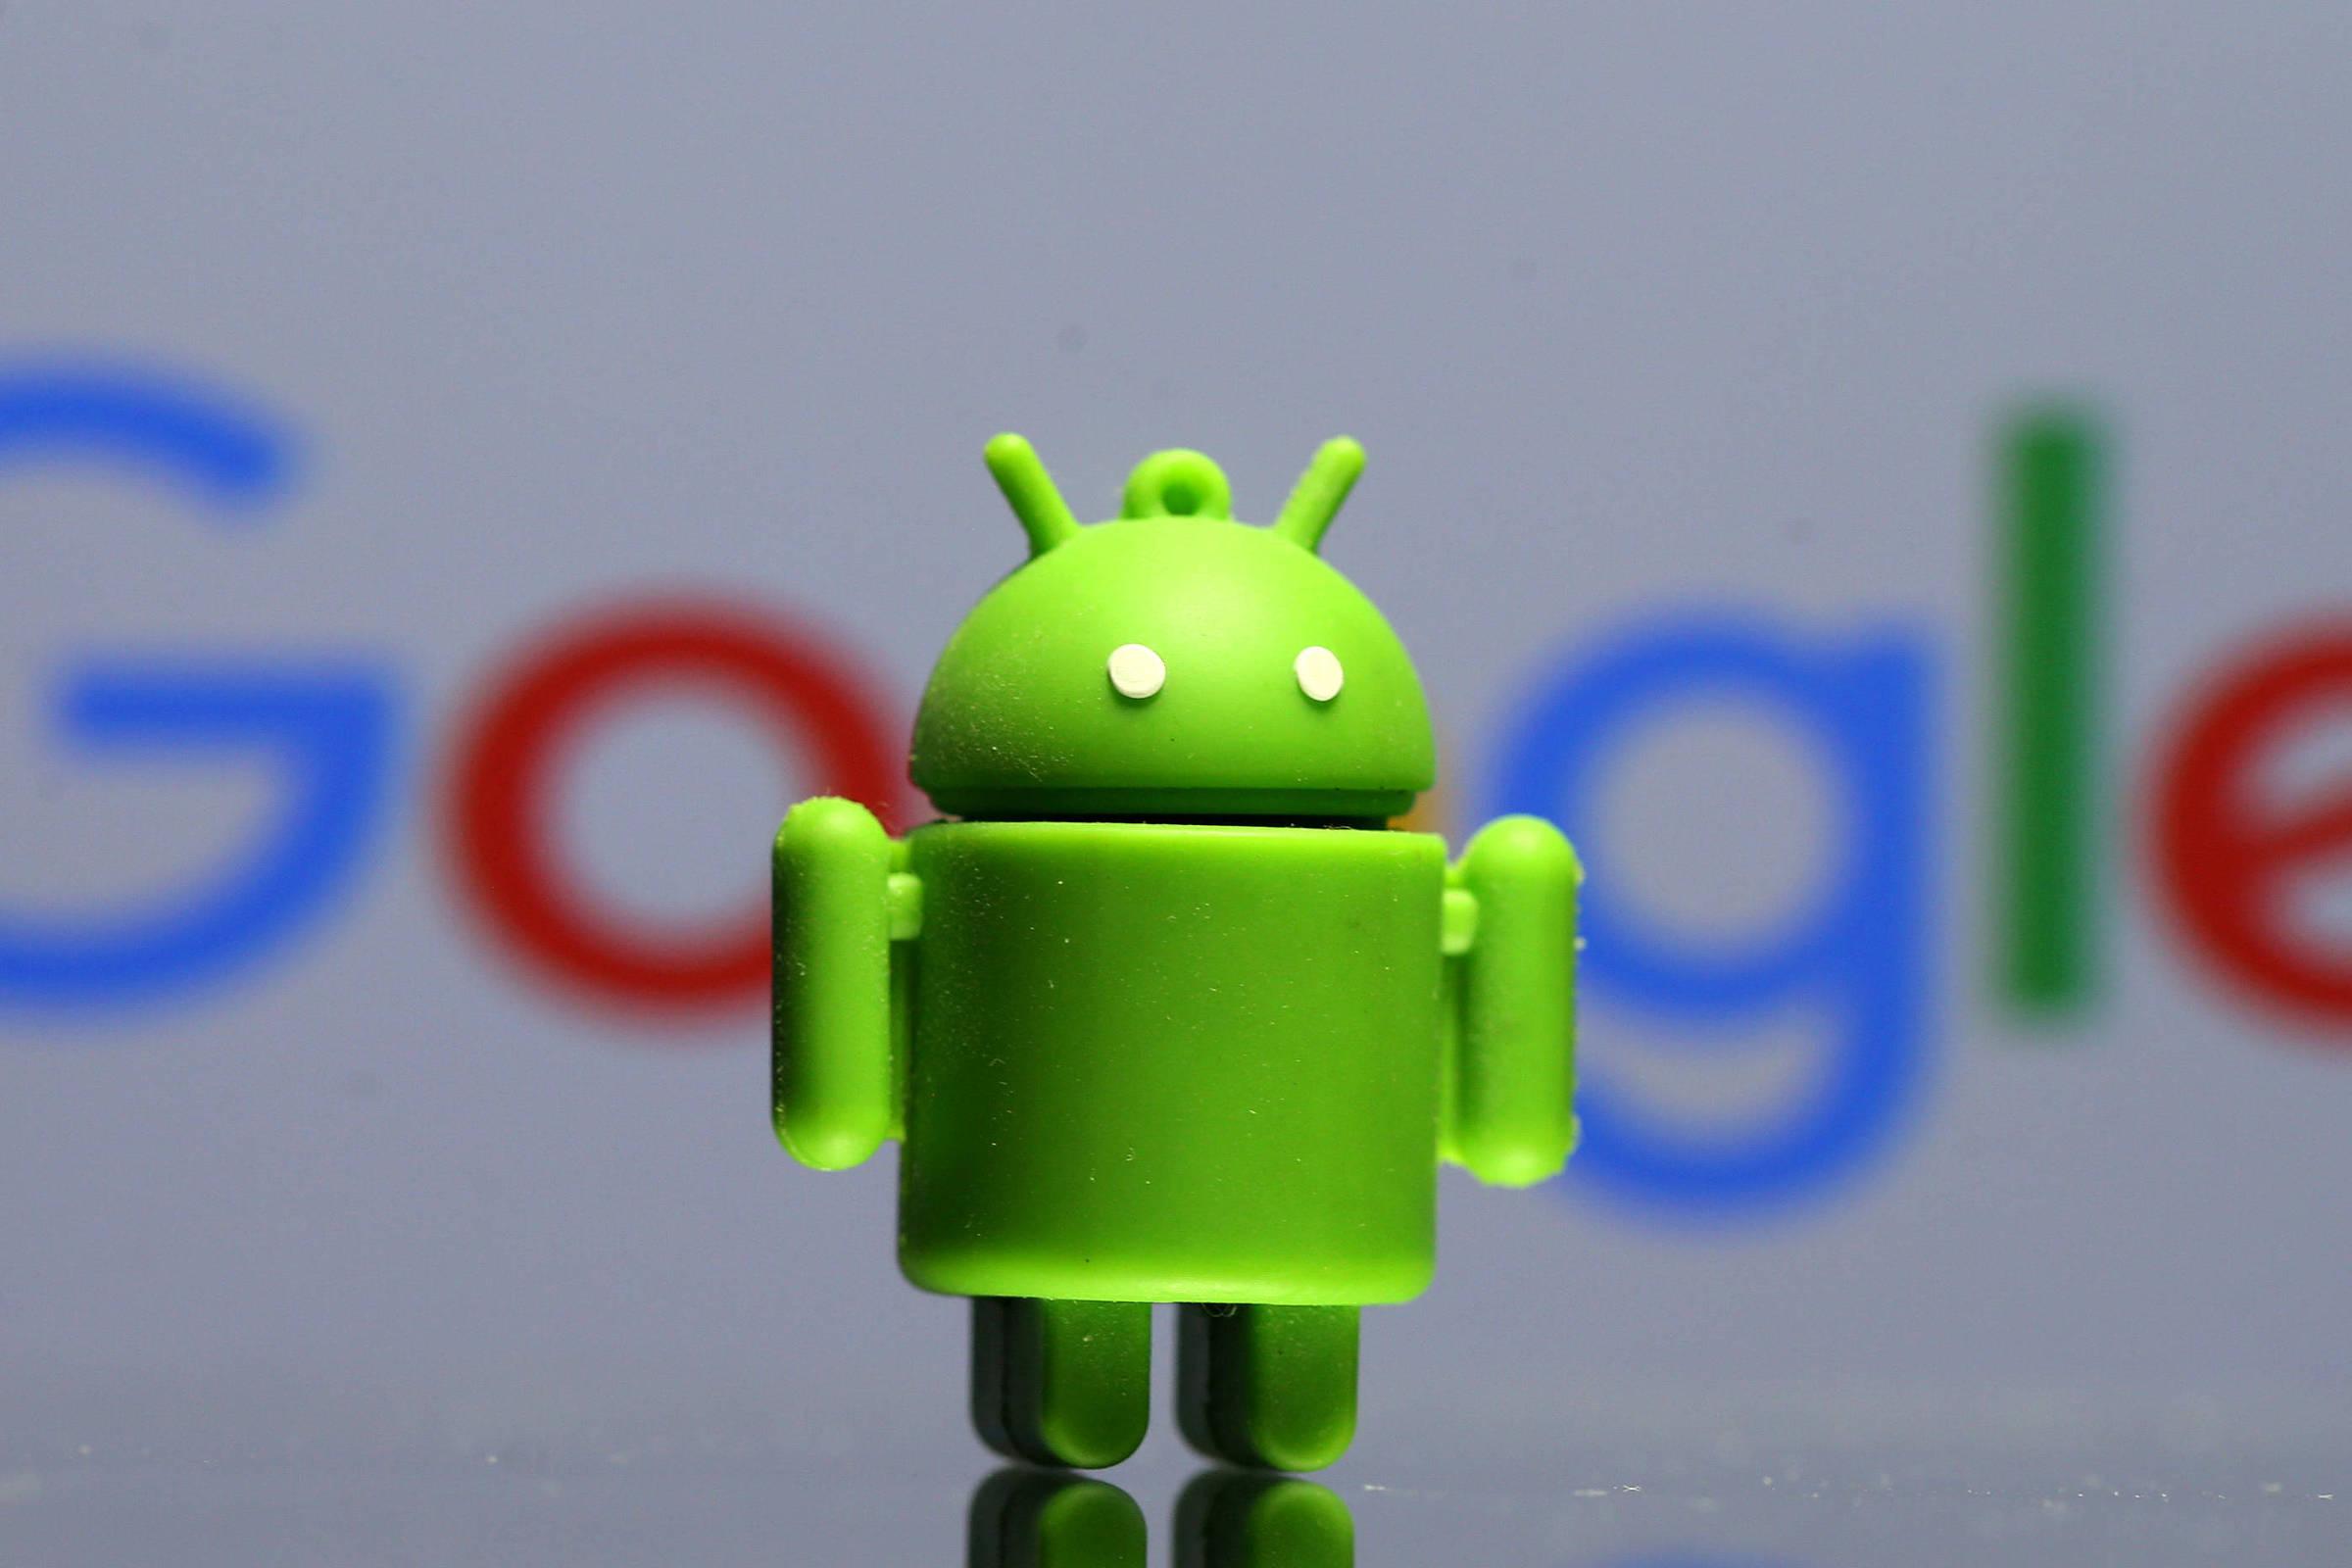 e485d0ef0ab96 Google vai cobrar de fabricantes de smartphones da Europa por Google Play -  16 10 2018 - Tec - Folha